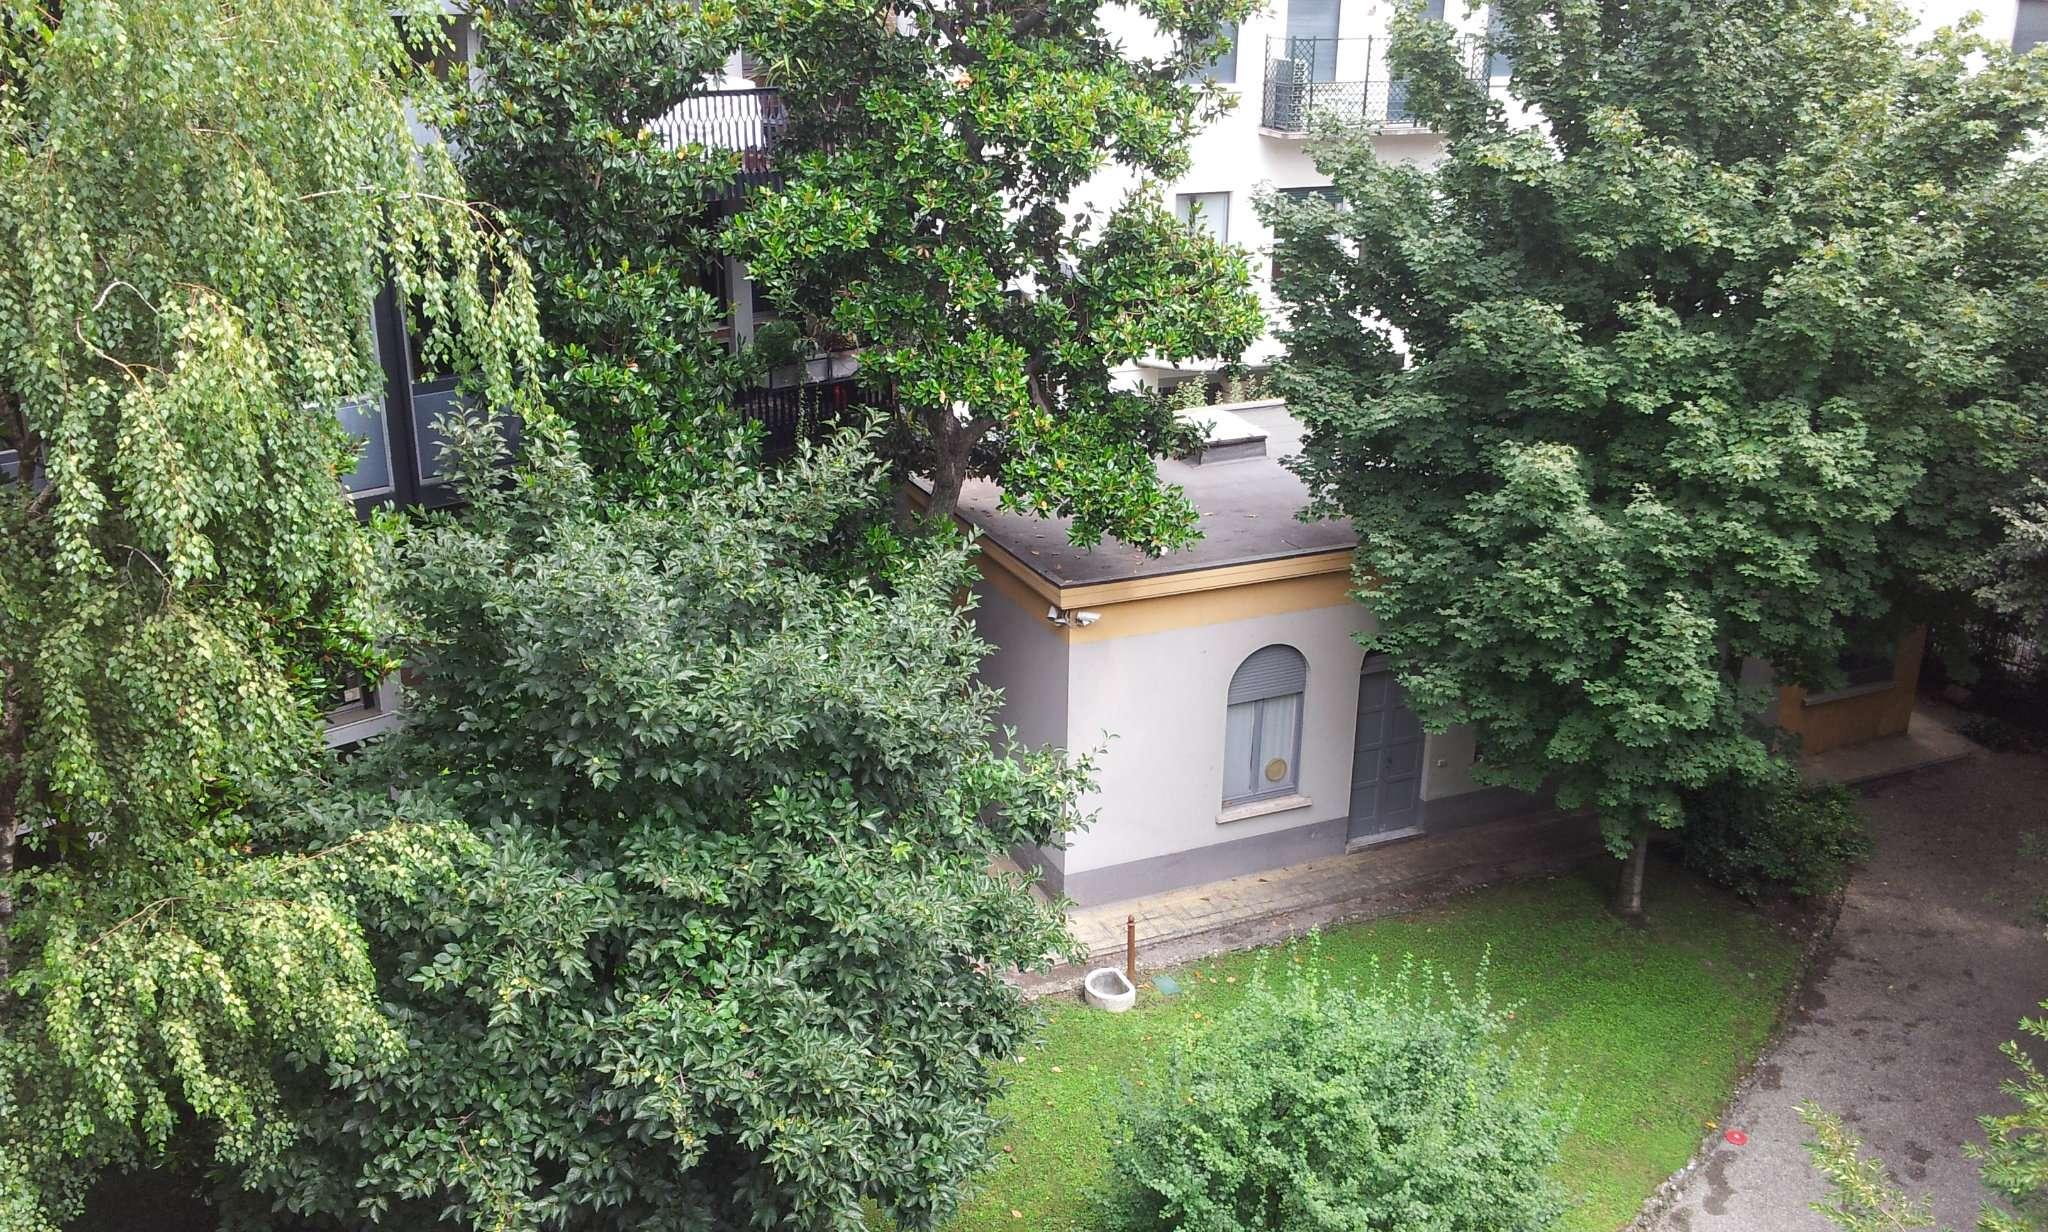 Appartamento in affitto a Milano, 5 locali, zona Zona: 1 . Centro Storico, Duomo, Brera, Cadorna, Cattolica, prezzo € 6.250 | Cambio Casa.it